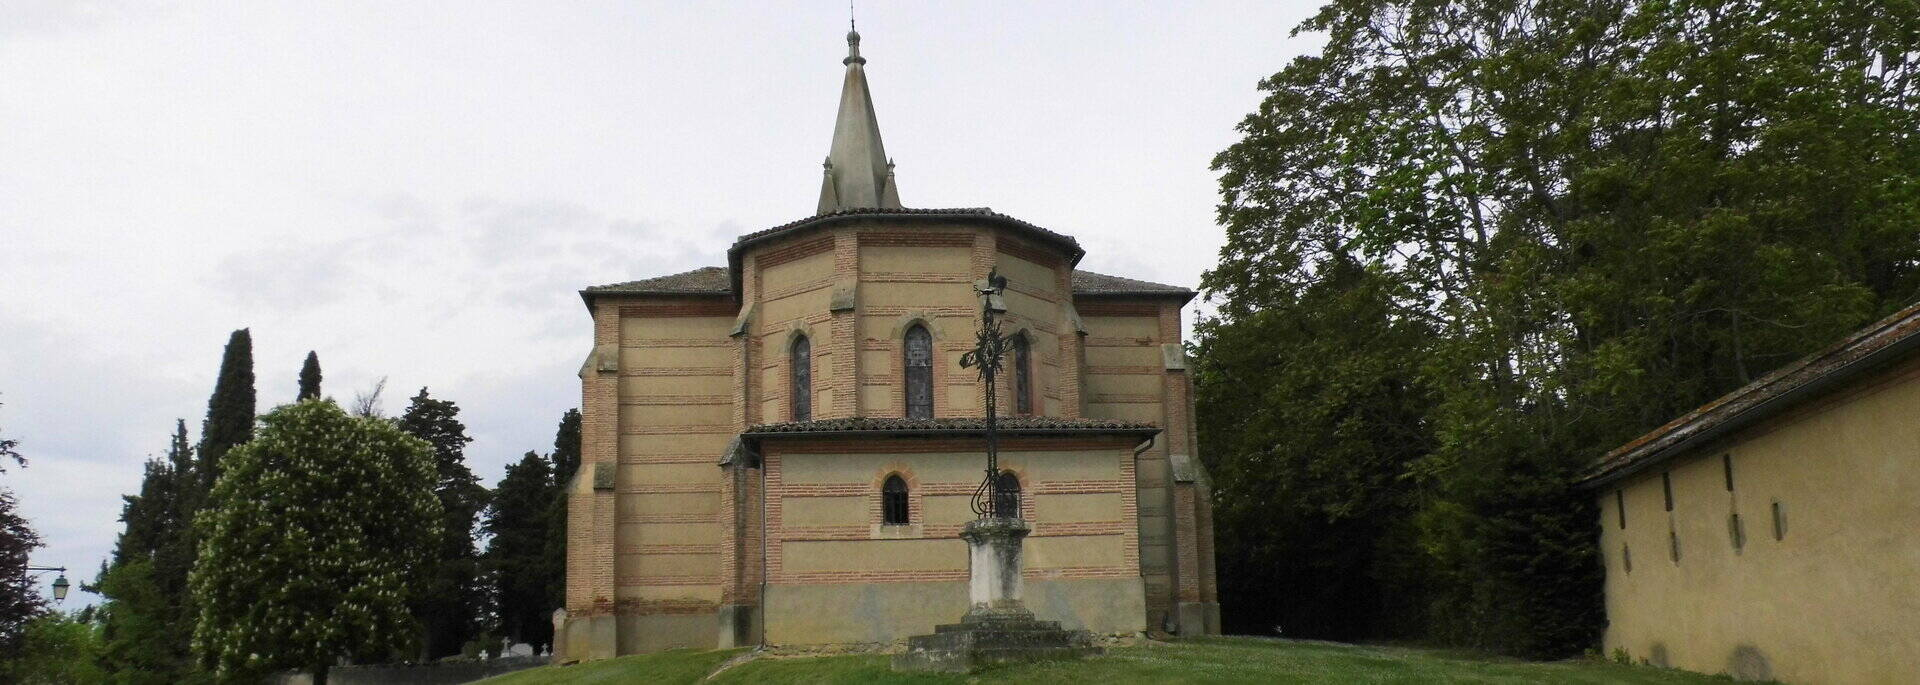 Eglise Saint-Martin, Gaujac, Savès